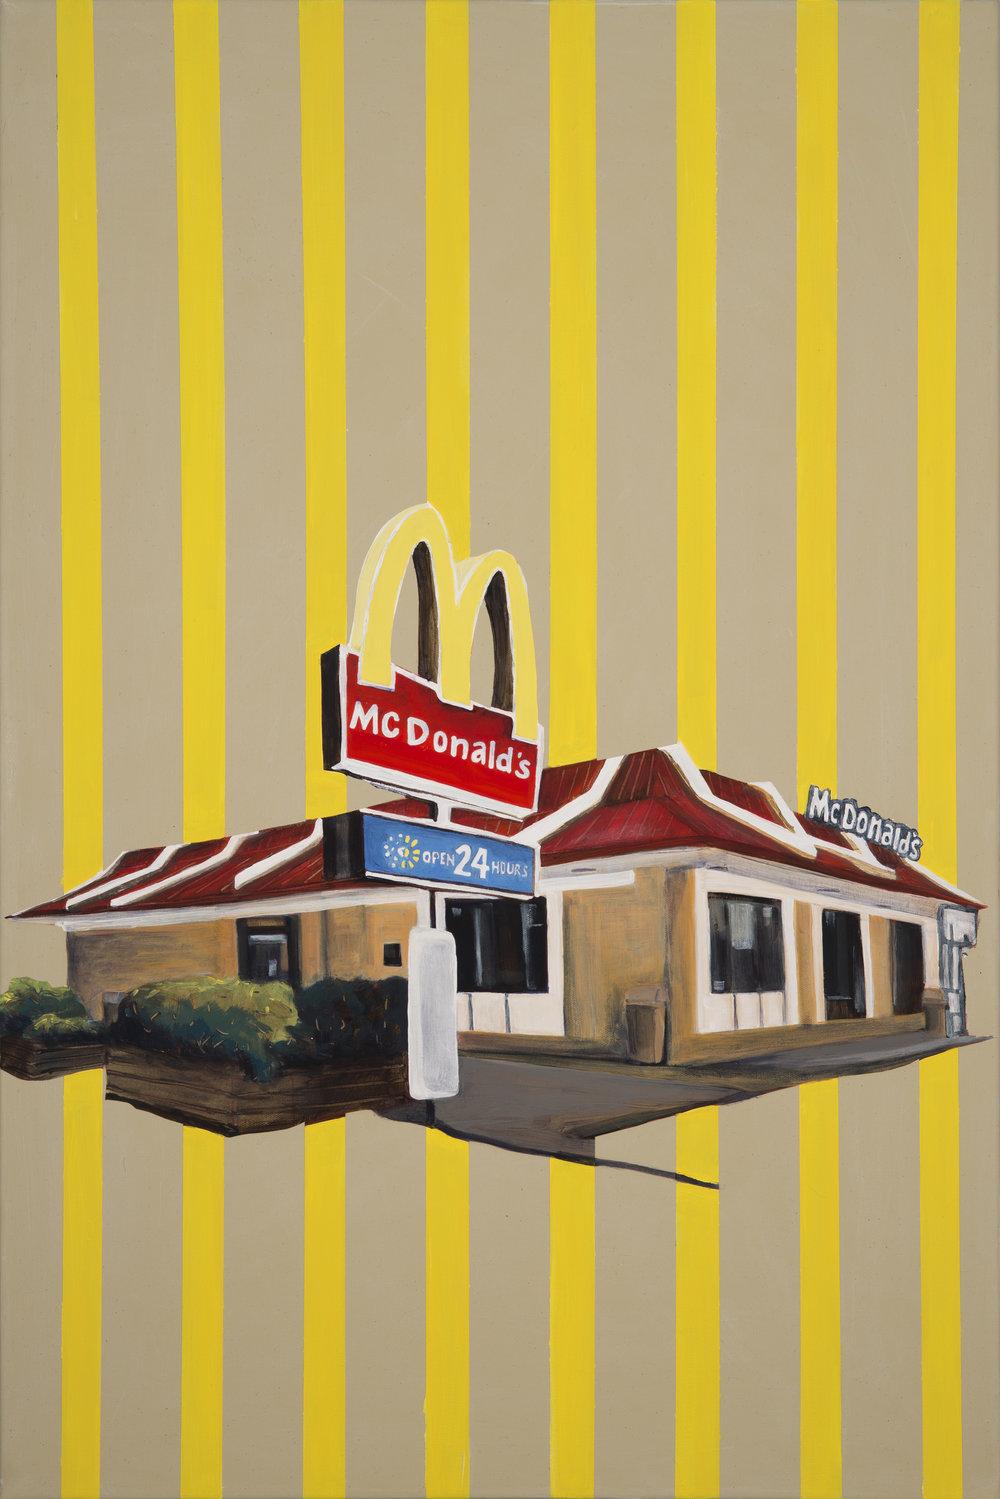 McDonald's, 2017